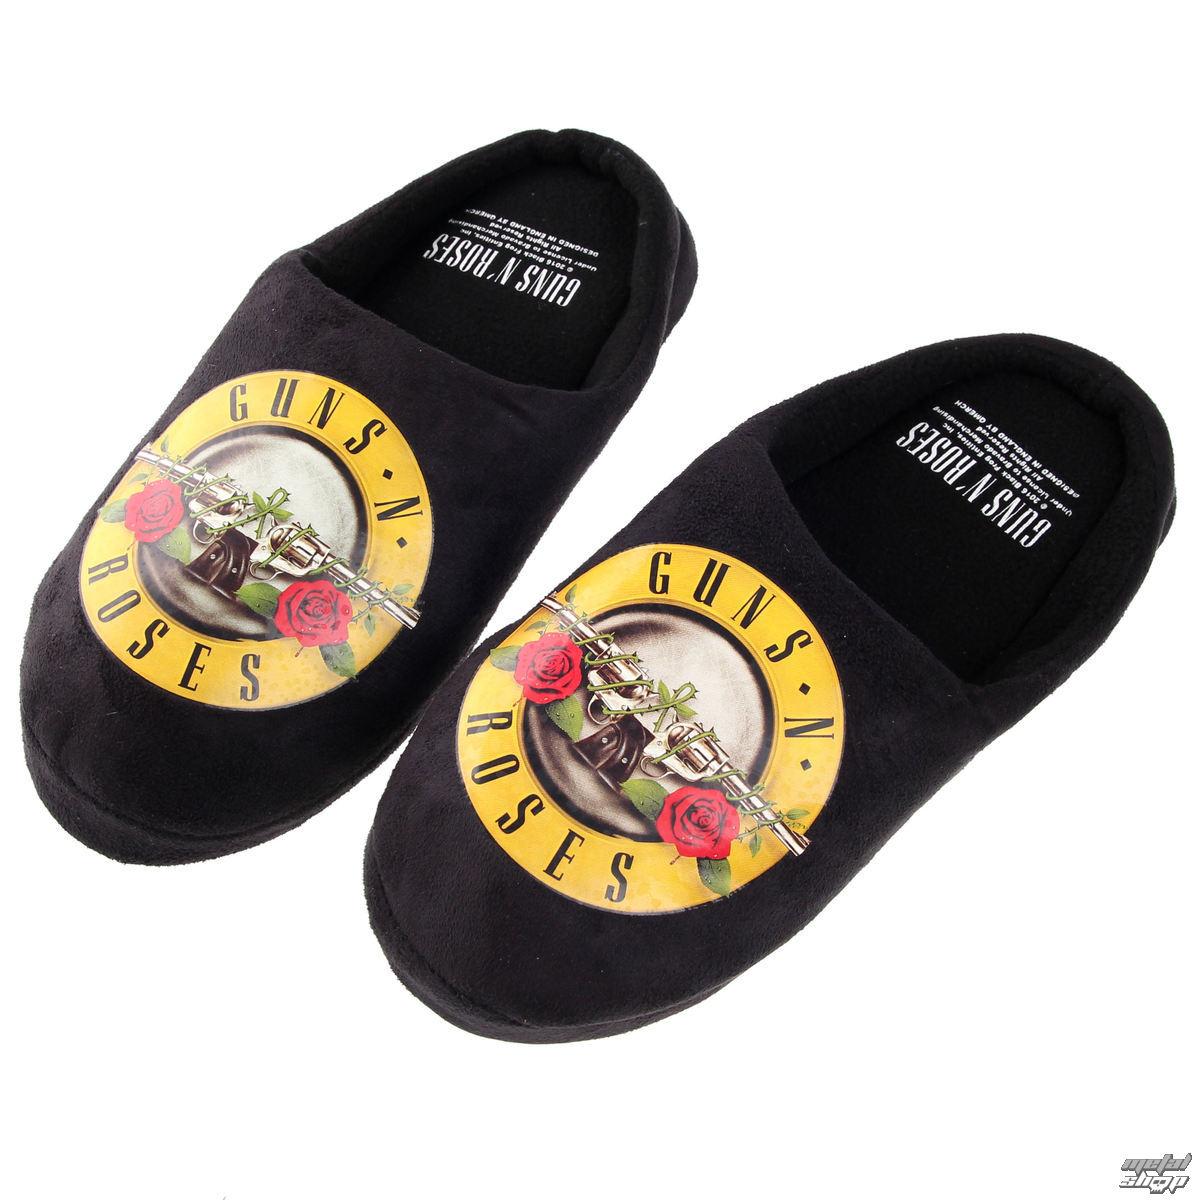 540521c5d7184c Slippers Guns N Roses - RCK002 - metal-shop.eu